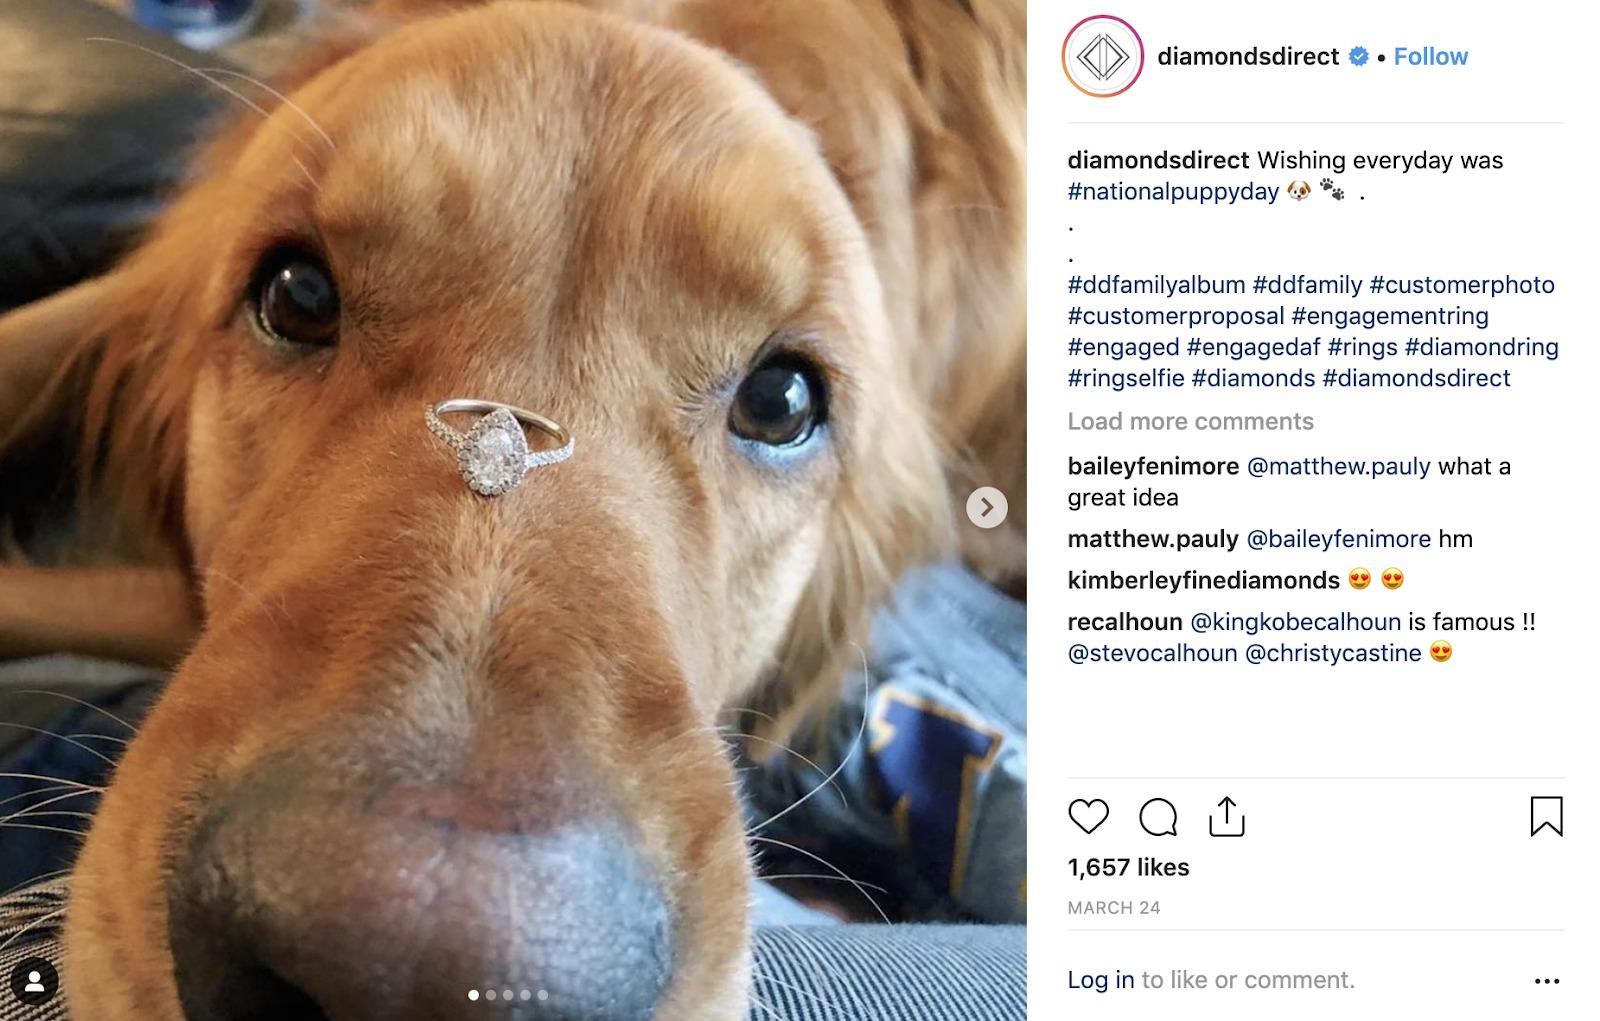 gioielli online diamanti cane sociale diretto